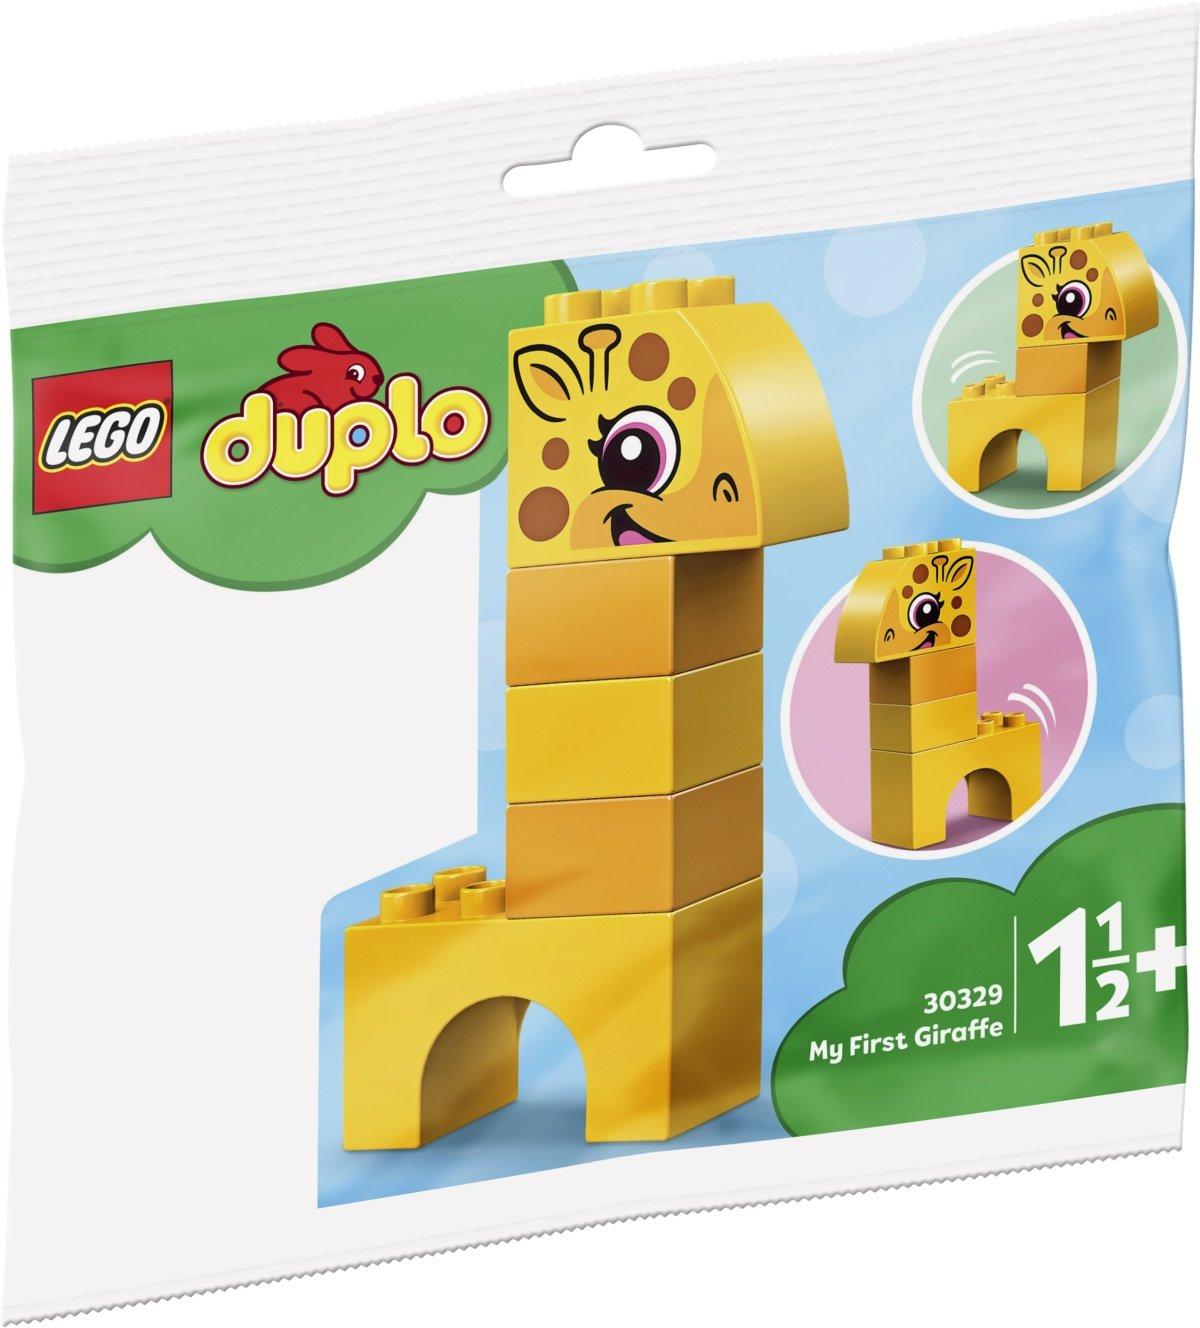 lego-polybag-duplo-30329-0001